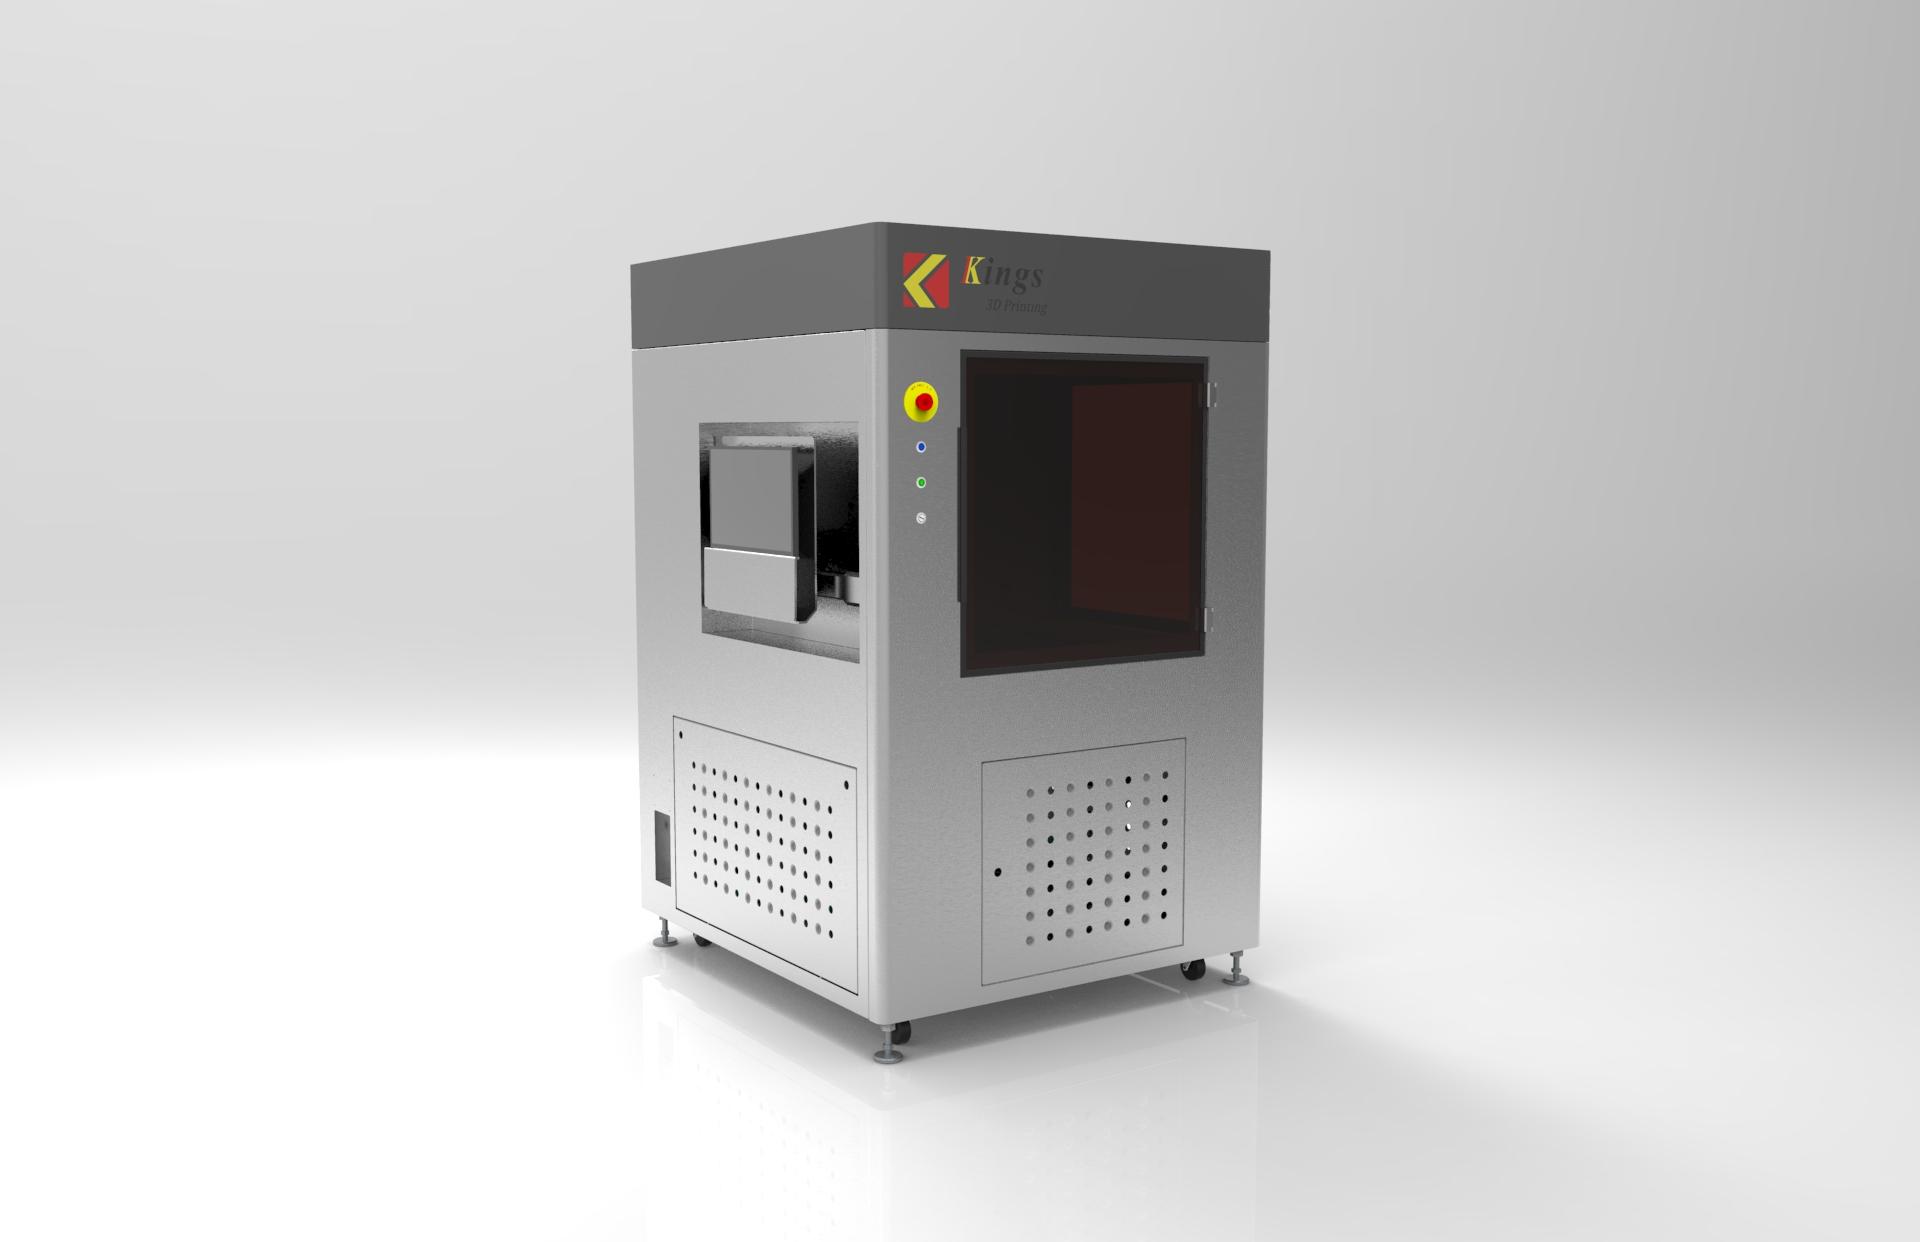 KINGS 850Pro Large Print Volume SLA 3D Printer